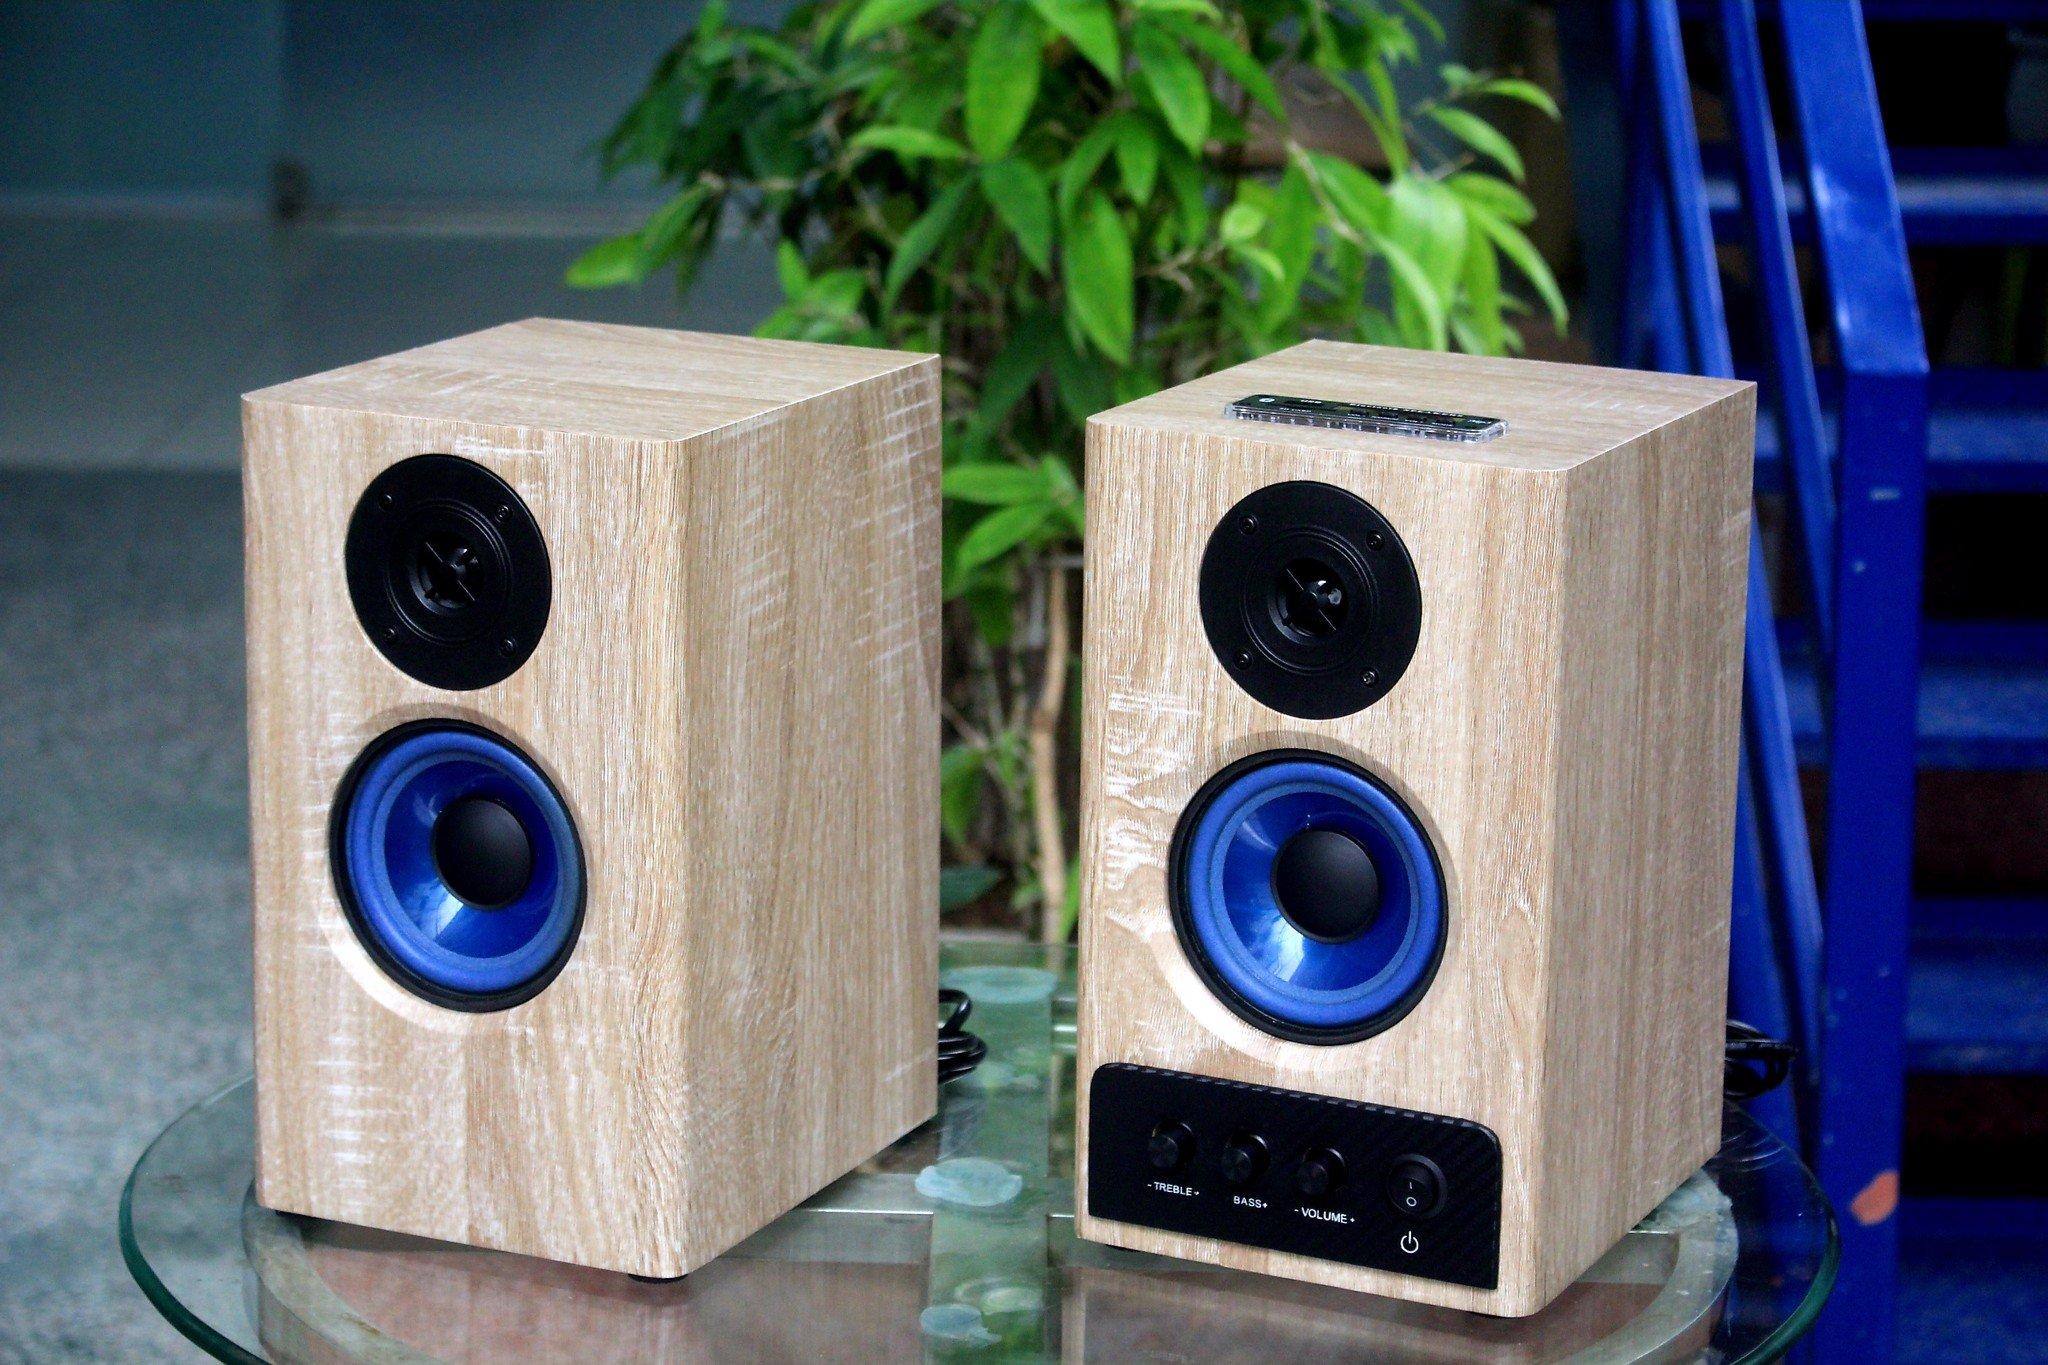 Chỉ 1.x triệu RA MẮT Bộ loa HIFI GS51 Bluetooth cao cấp, chuyên nhạc Bolero siêu ngọt, dùng phòng 25m2